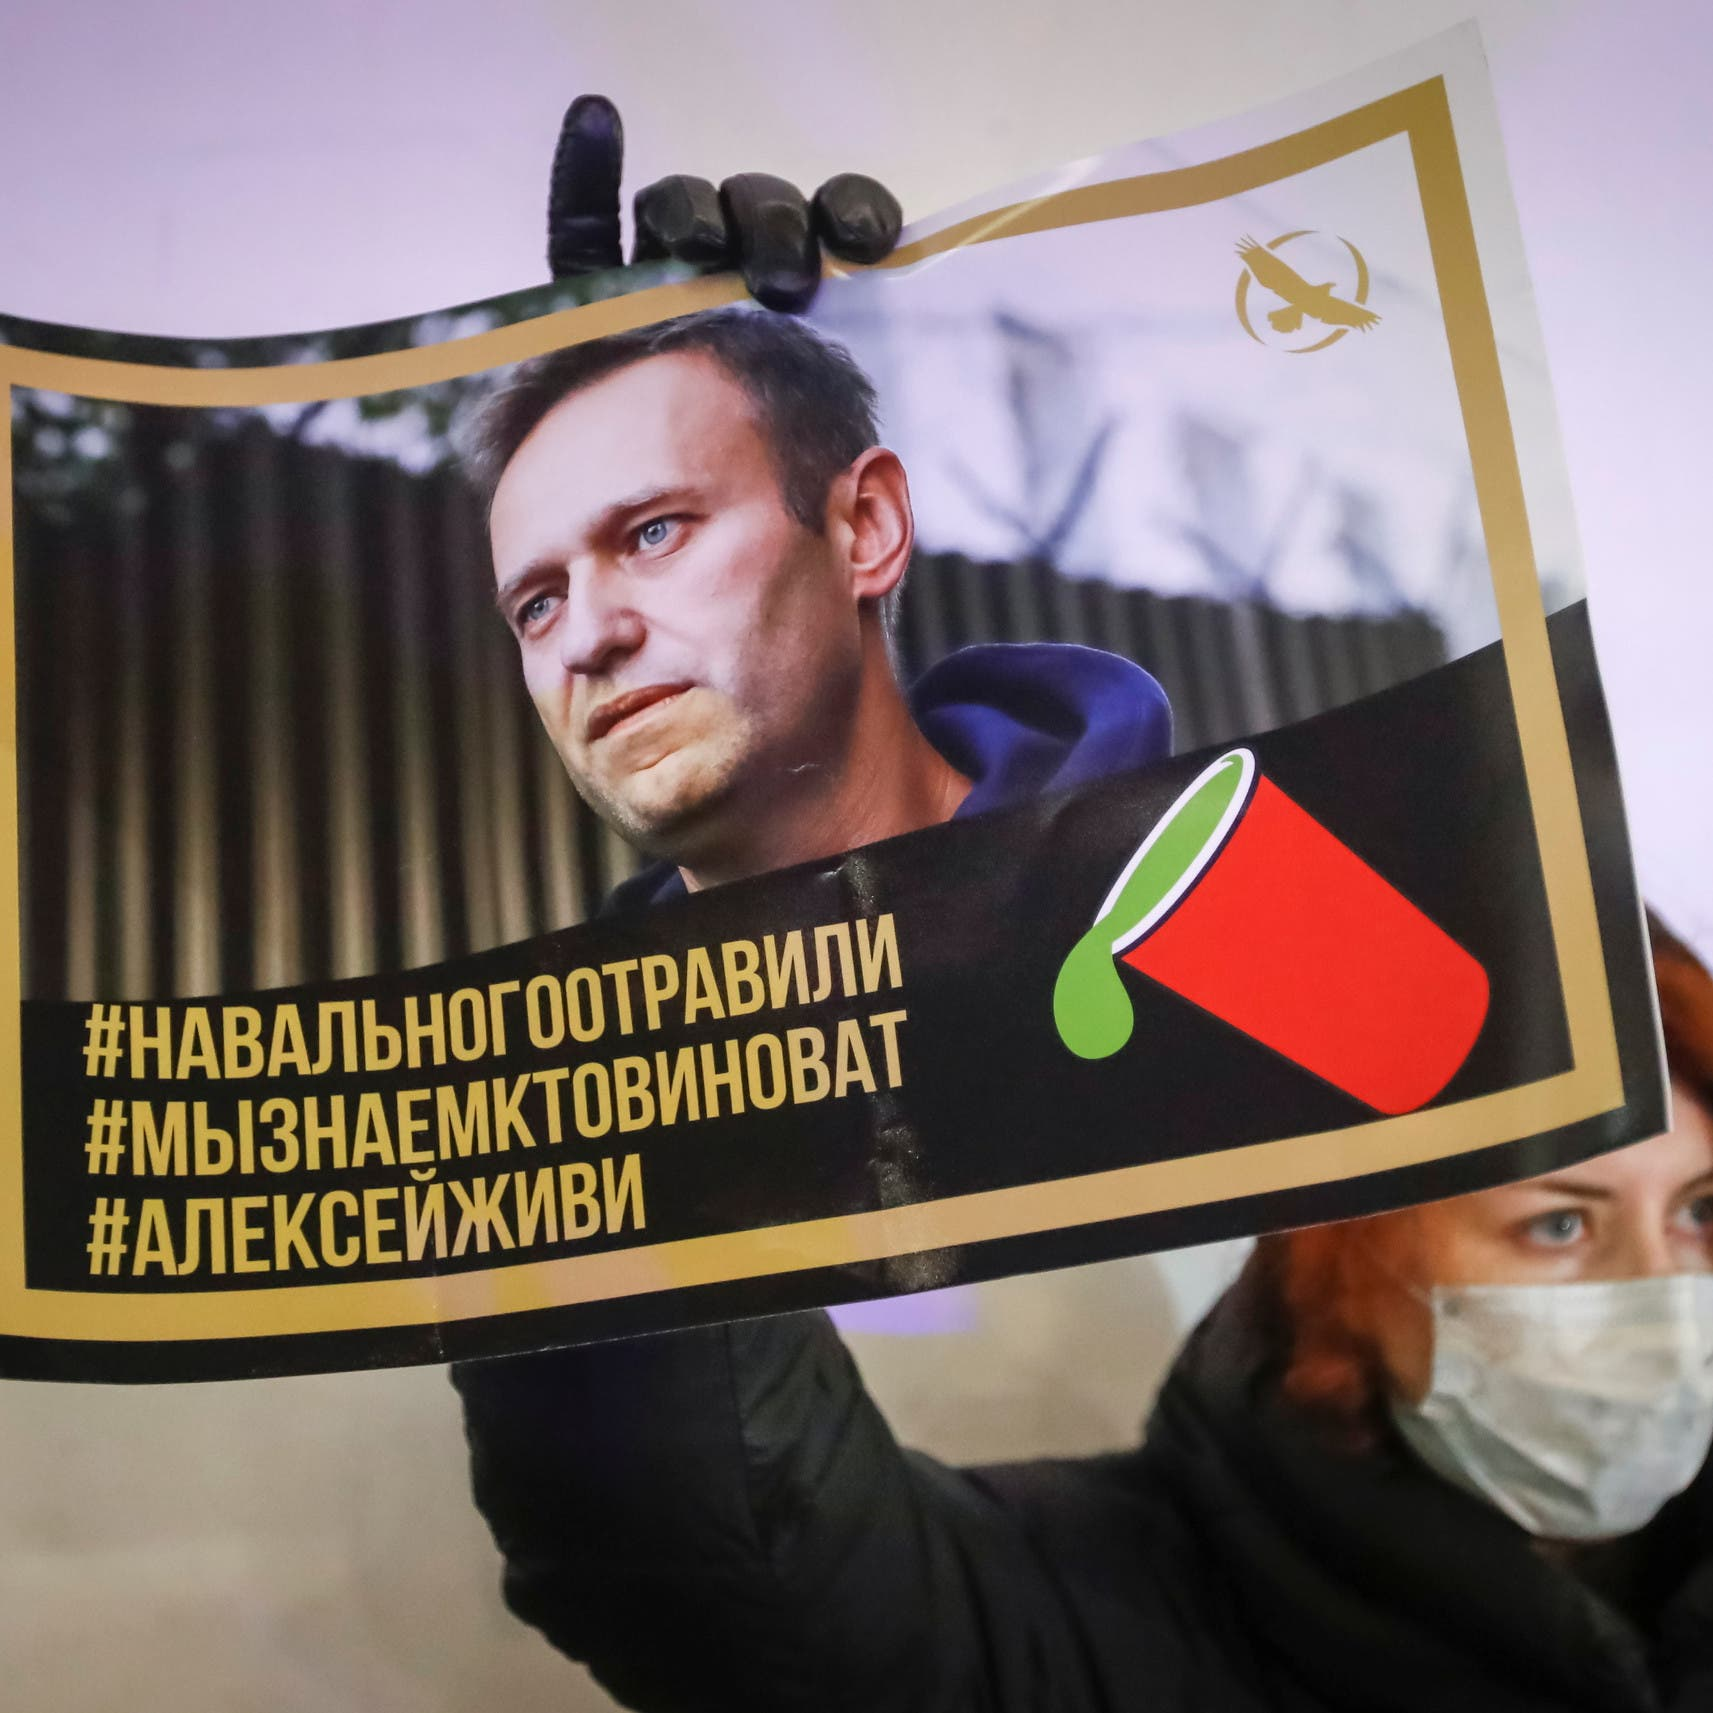 تصعيد شرس.. نافالني يطالب الروس بالتظاهر ضد النظام